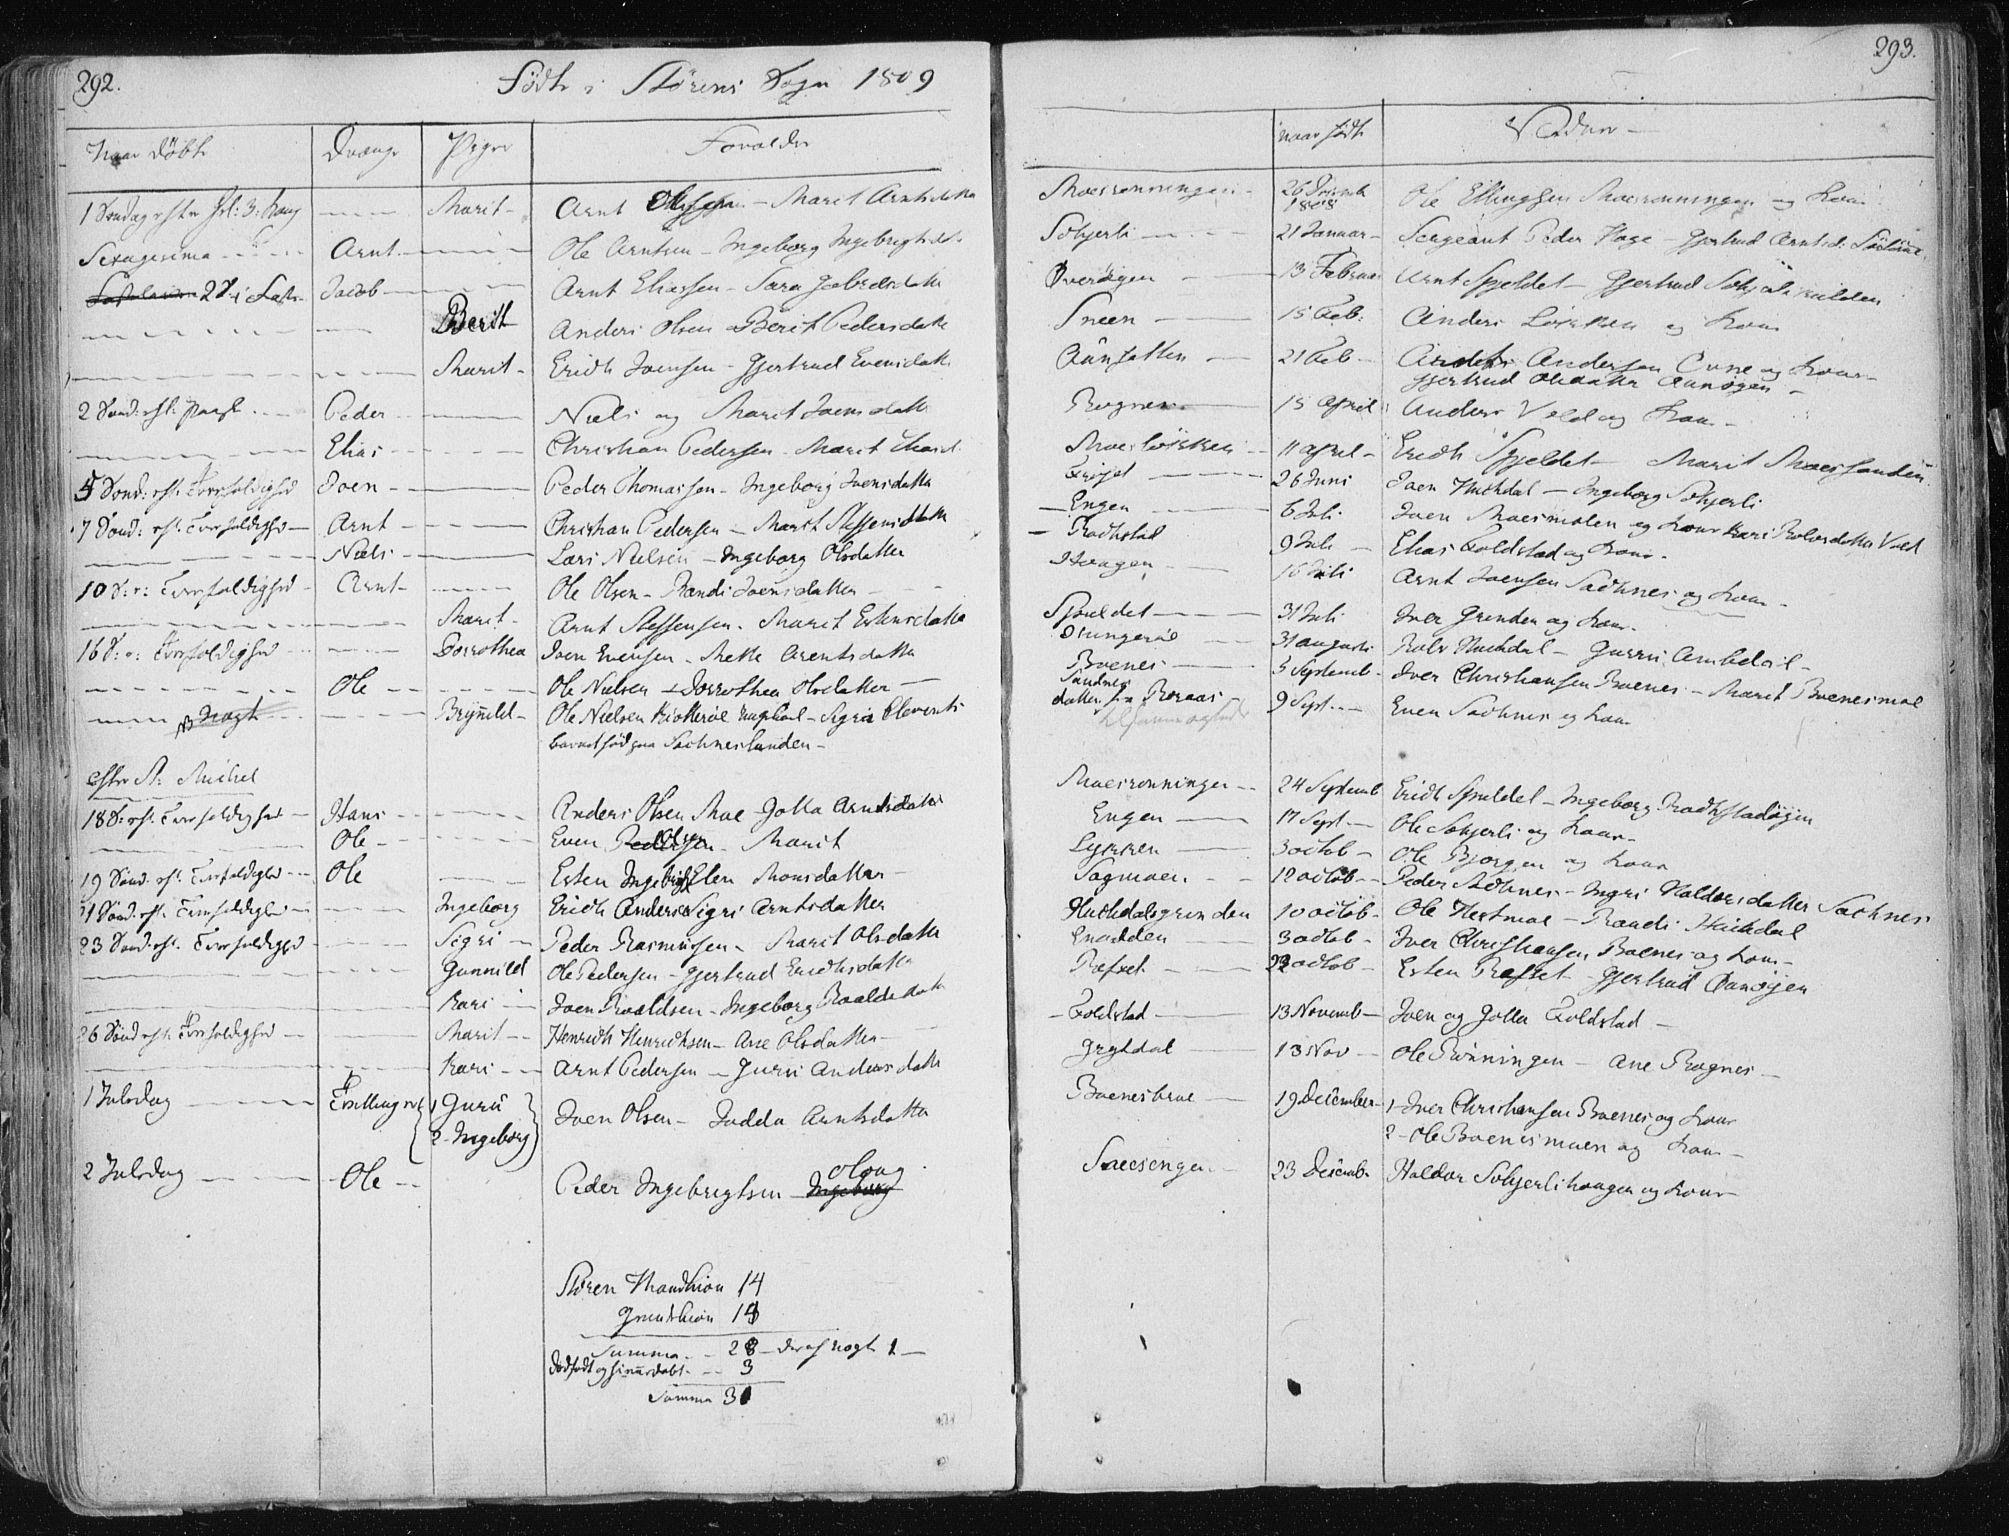 SAT, Ministerialprotokoller, klokkerbøker og fødselsregistre - Sør-Trøndelag, 687/L0992: Ministerialbok nr. 687A03 /1, 1788-1815, s. 292-293